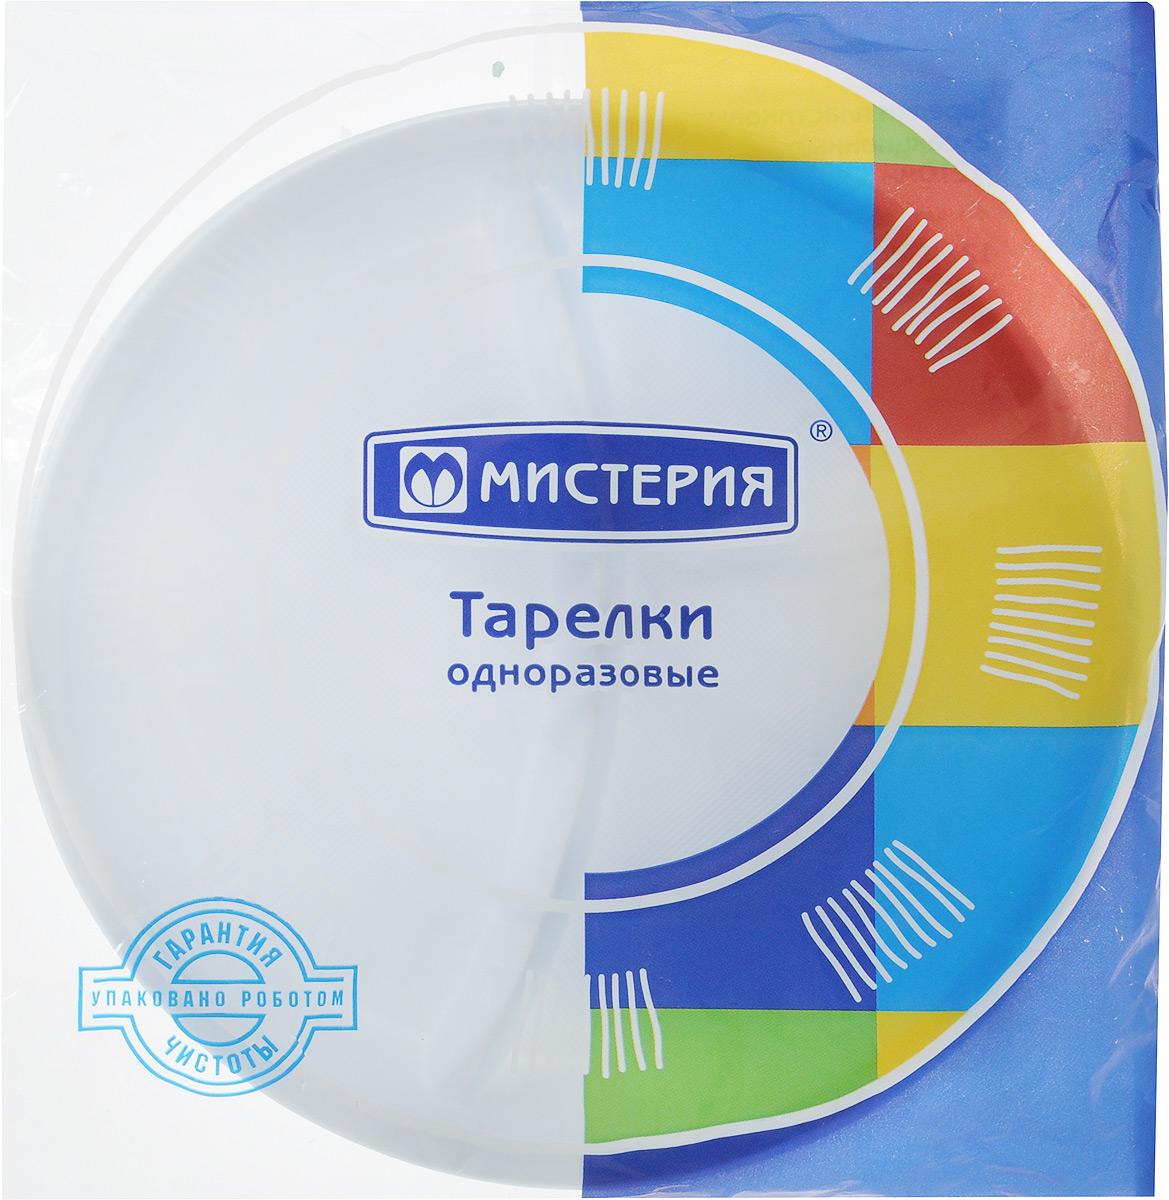 Тарелка одноразовая Мистерия, 2 секции, диаметр 21 см, 12 шт181104Набор Мистерия состоит из 12 круглых тарелок, выполненных из полистирола и предназначенных для одноразового использования. Такие тарелки подходят для пищевых продуктов и имеют 2 секции. Одноразовые тарелки будут незаменимы при поездках на природу, пикниках и других мероприятиях. Они не займут много места, легки и самое главное - после использования их не надо мыть.Диаметр тарелки: 21 см.Высота тарелки: 1,5 см.